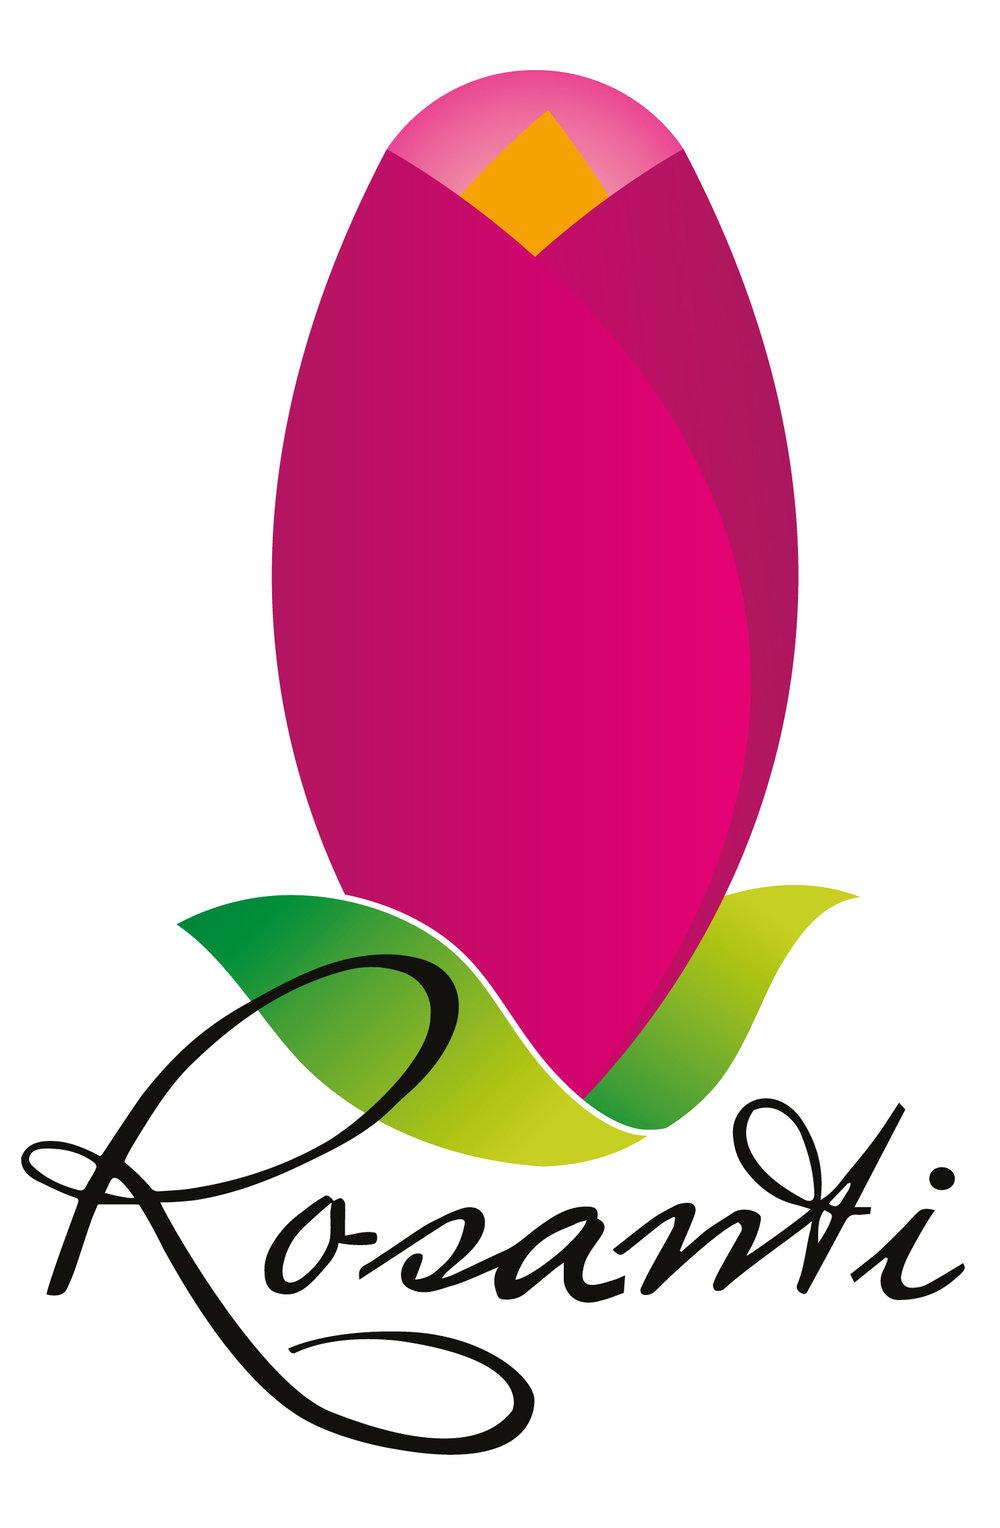 LogoRosanti-MBE2018.jpg